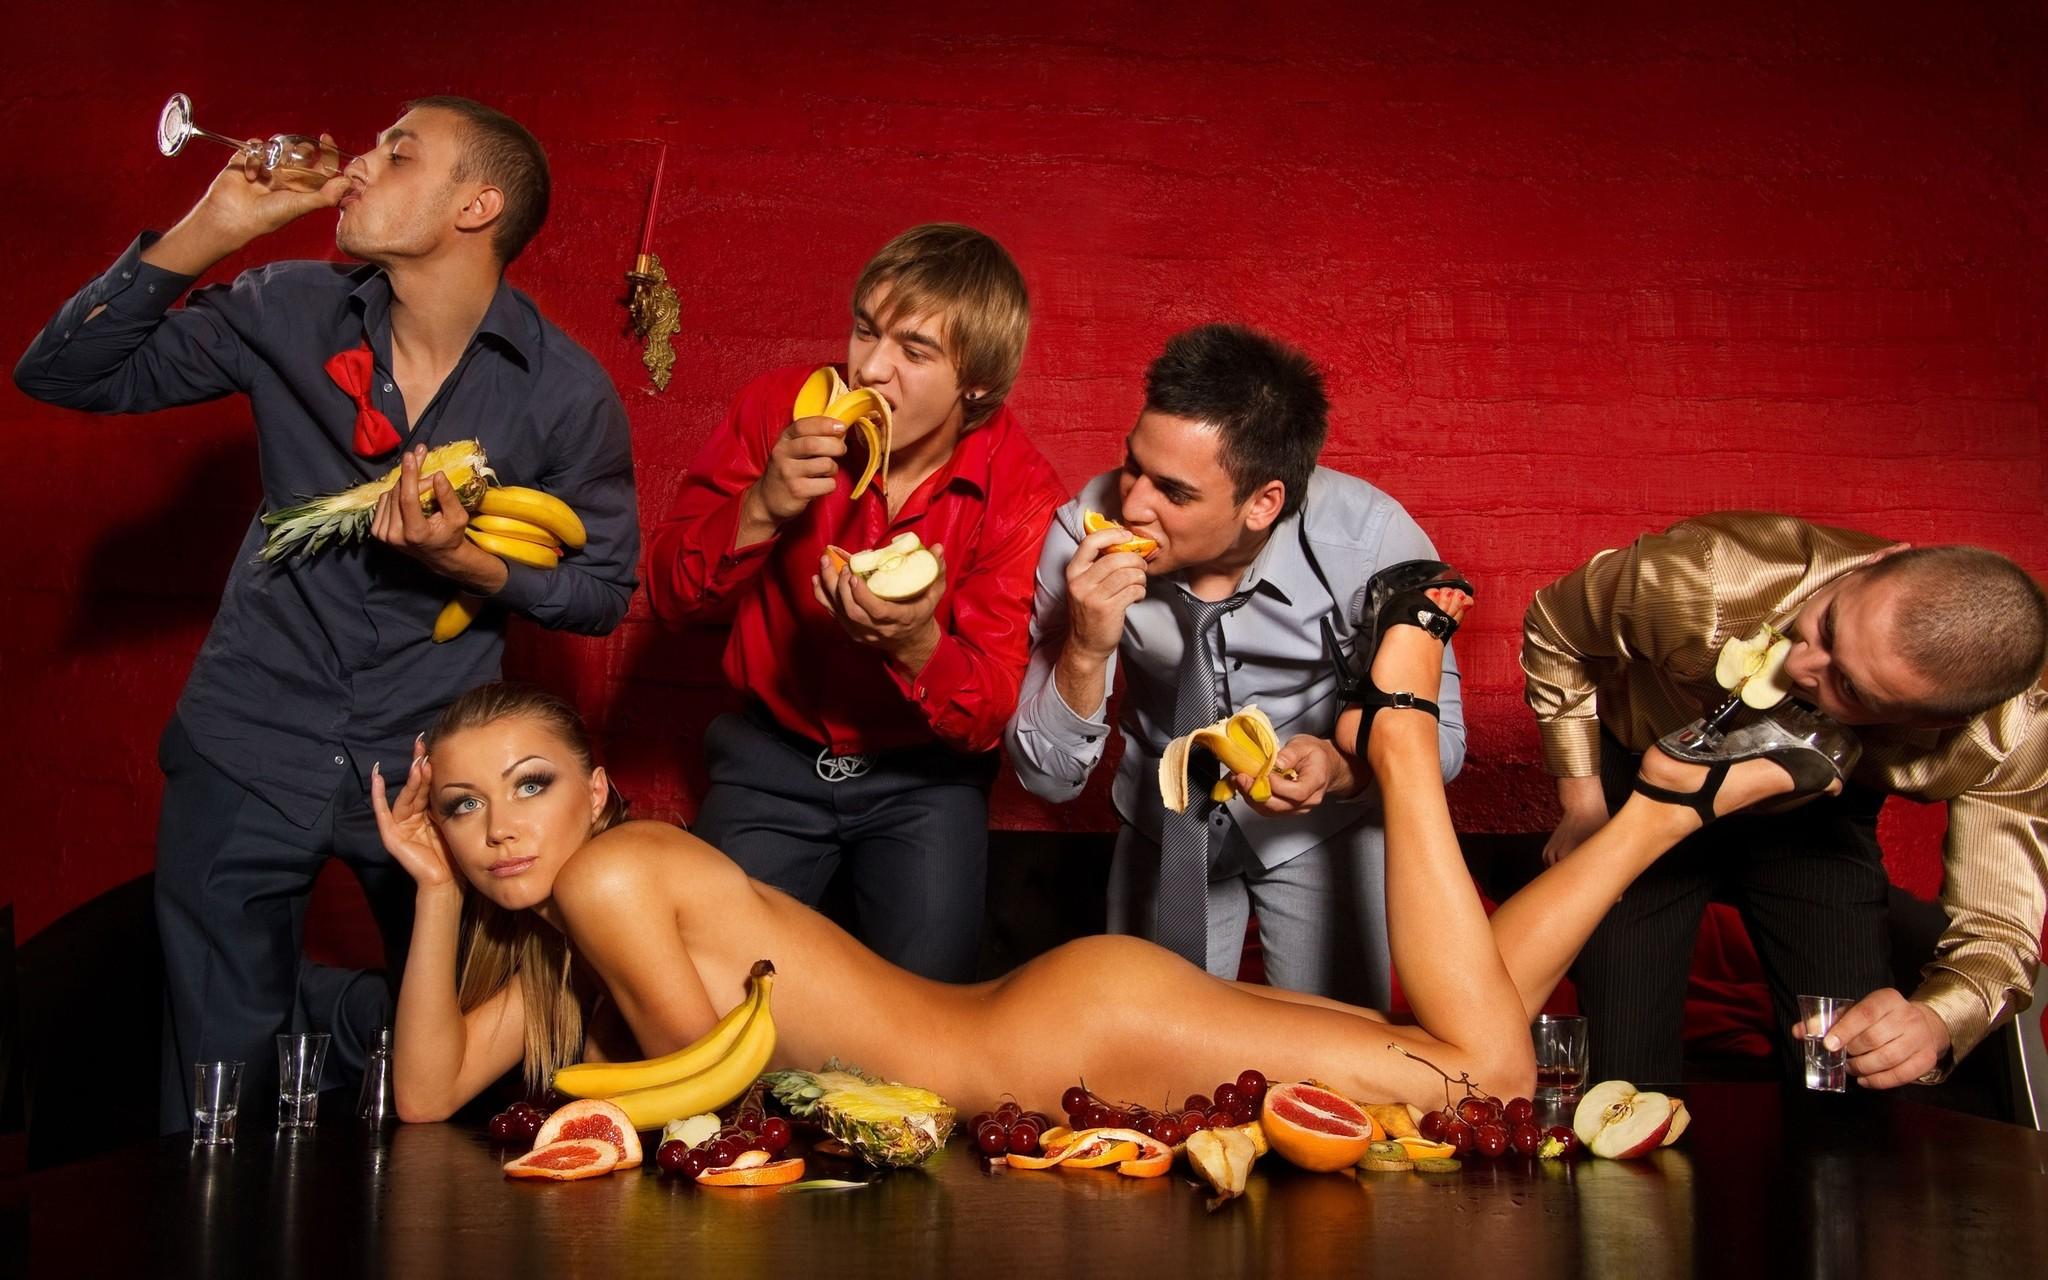 свинг вечеринка цена для мужчин возрастом вообще должно